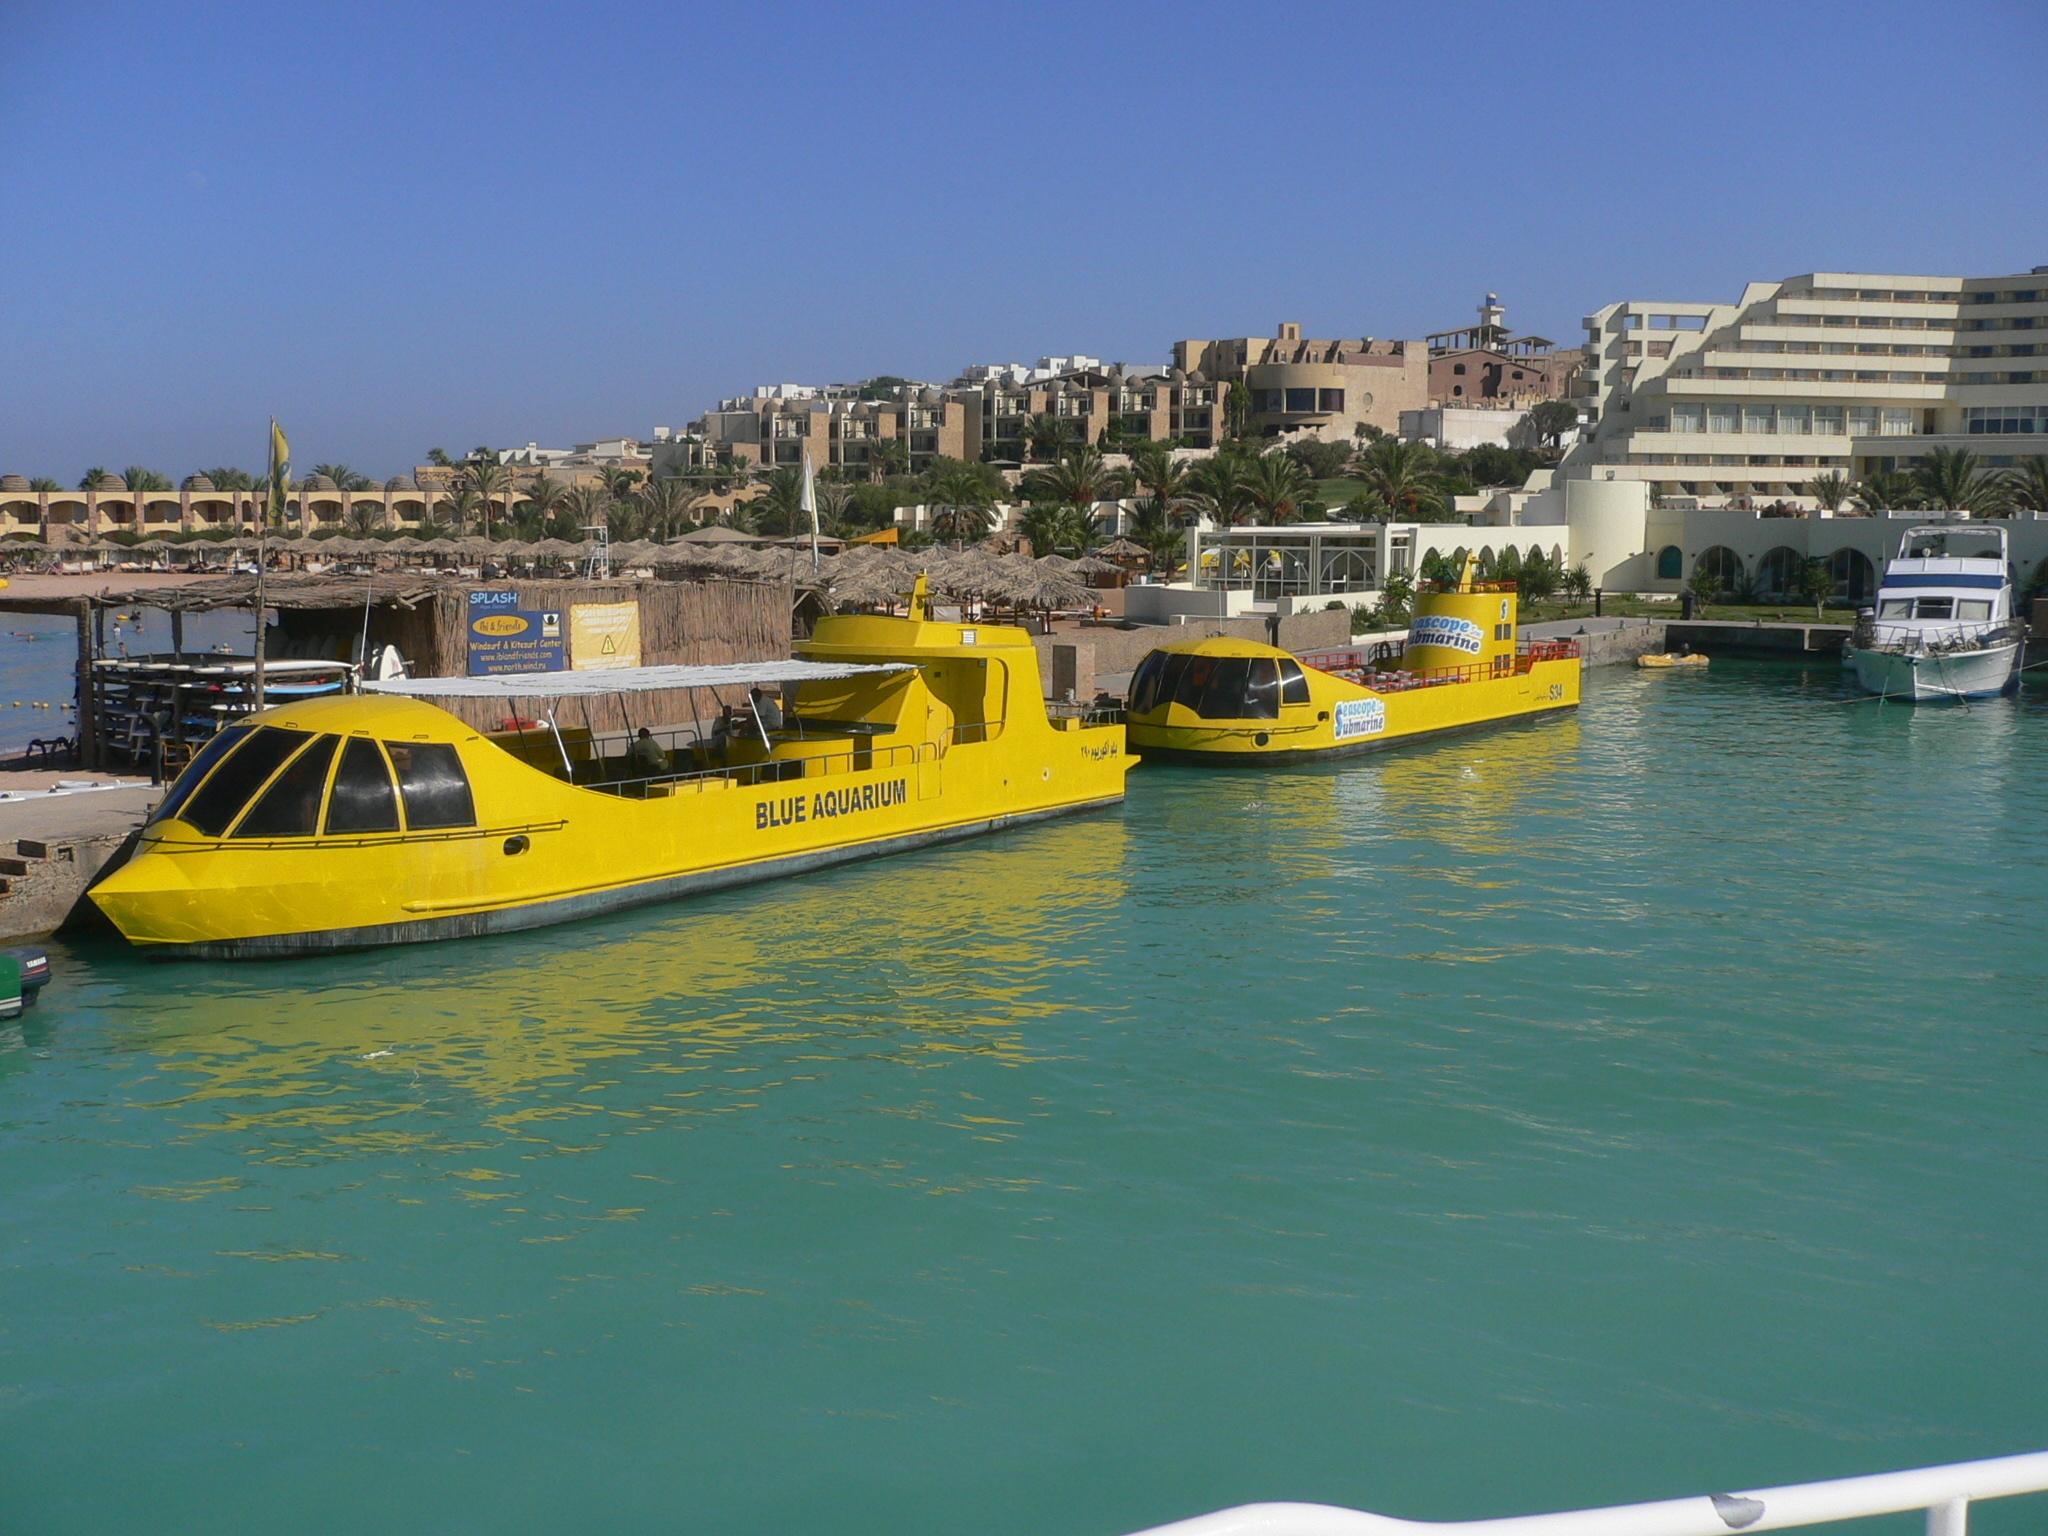 Quanto costa una guida turistica ad Hurghada